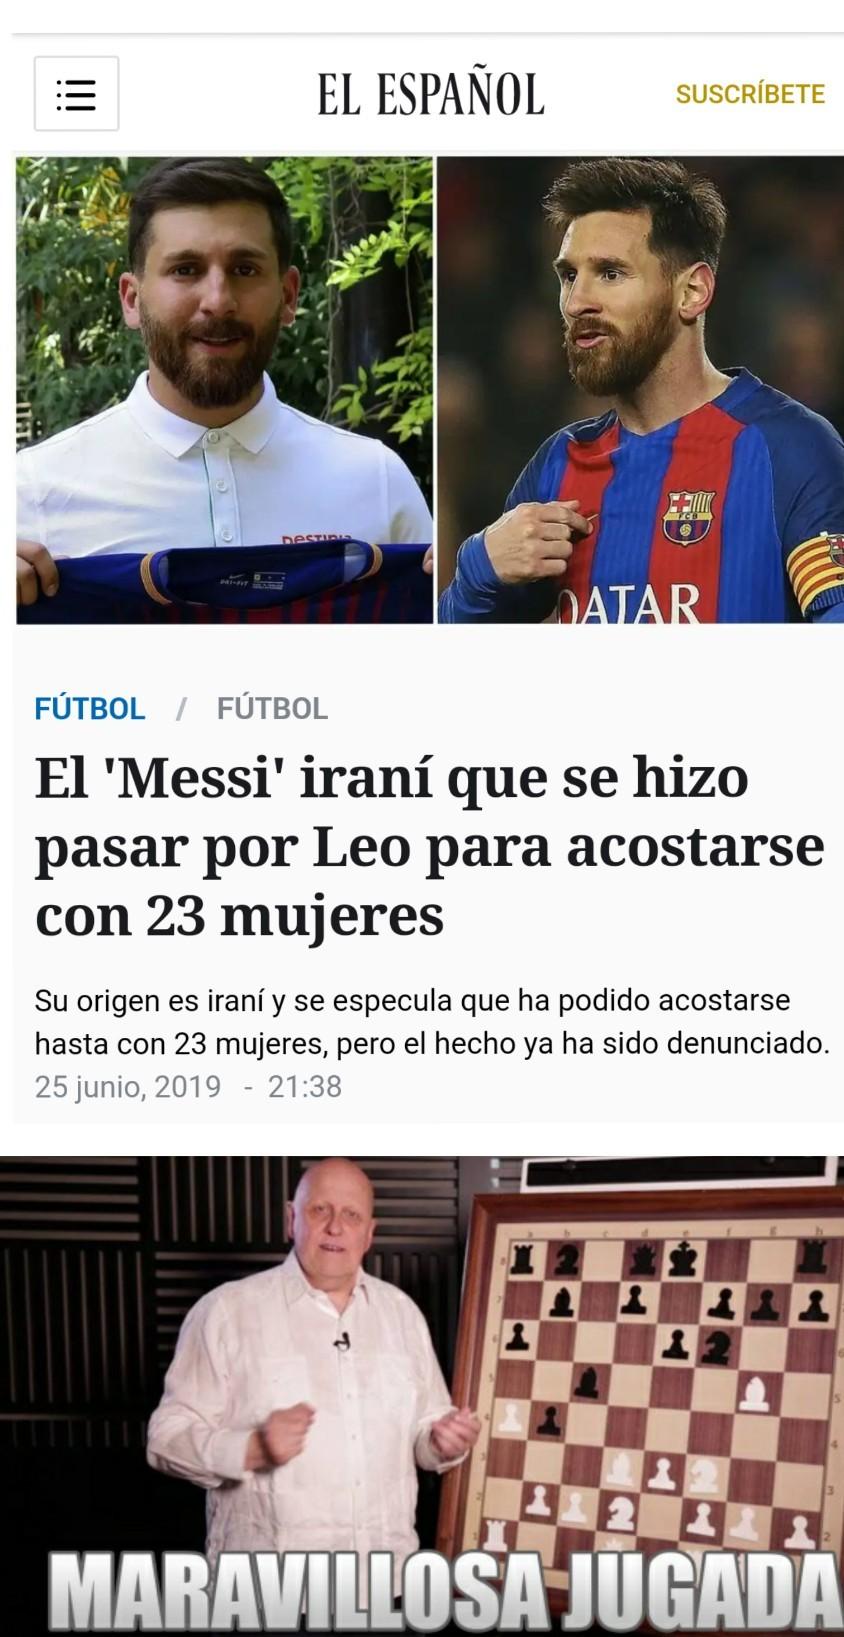 Messi mete gol de palomita!!! ¡¡La albiceleste se llena de emoción!! - meme